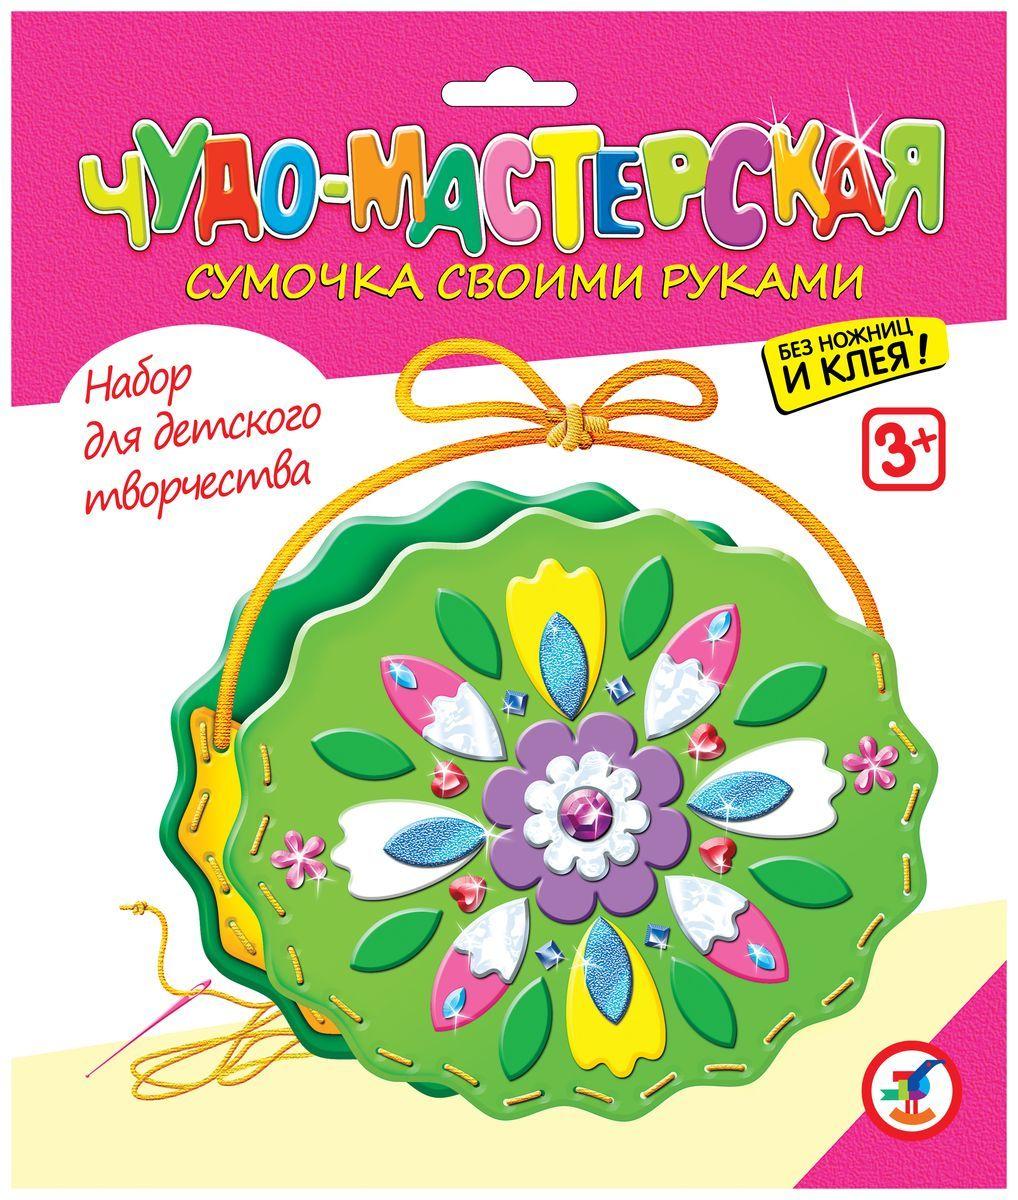 Дрофа-Медиа Набор для создания украшений и аксессуаров Сумочка Цветочек2886Вместе с ребёнком вы можете смастерить оригинальную детскую сумочку. Сделанная своими руками, она станет интересным и недорогим подарком родным и друзьям